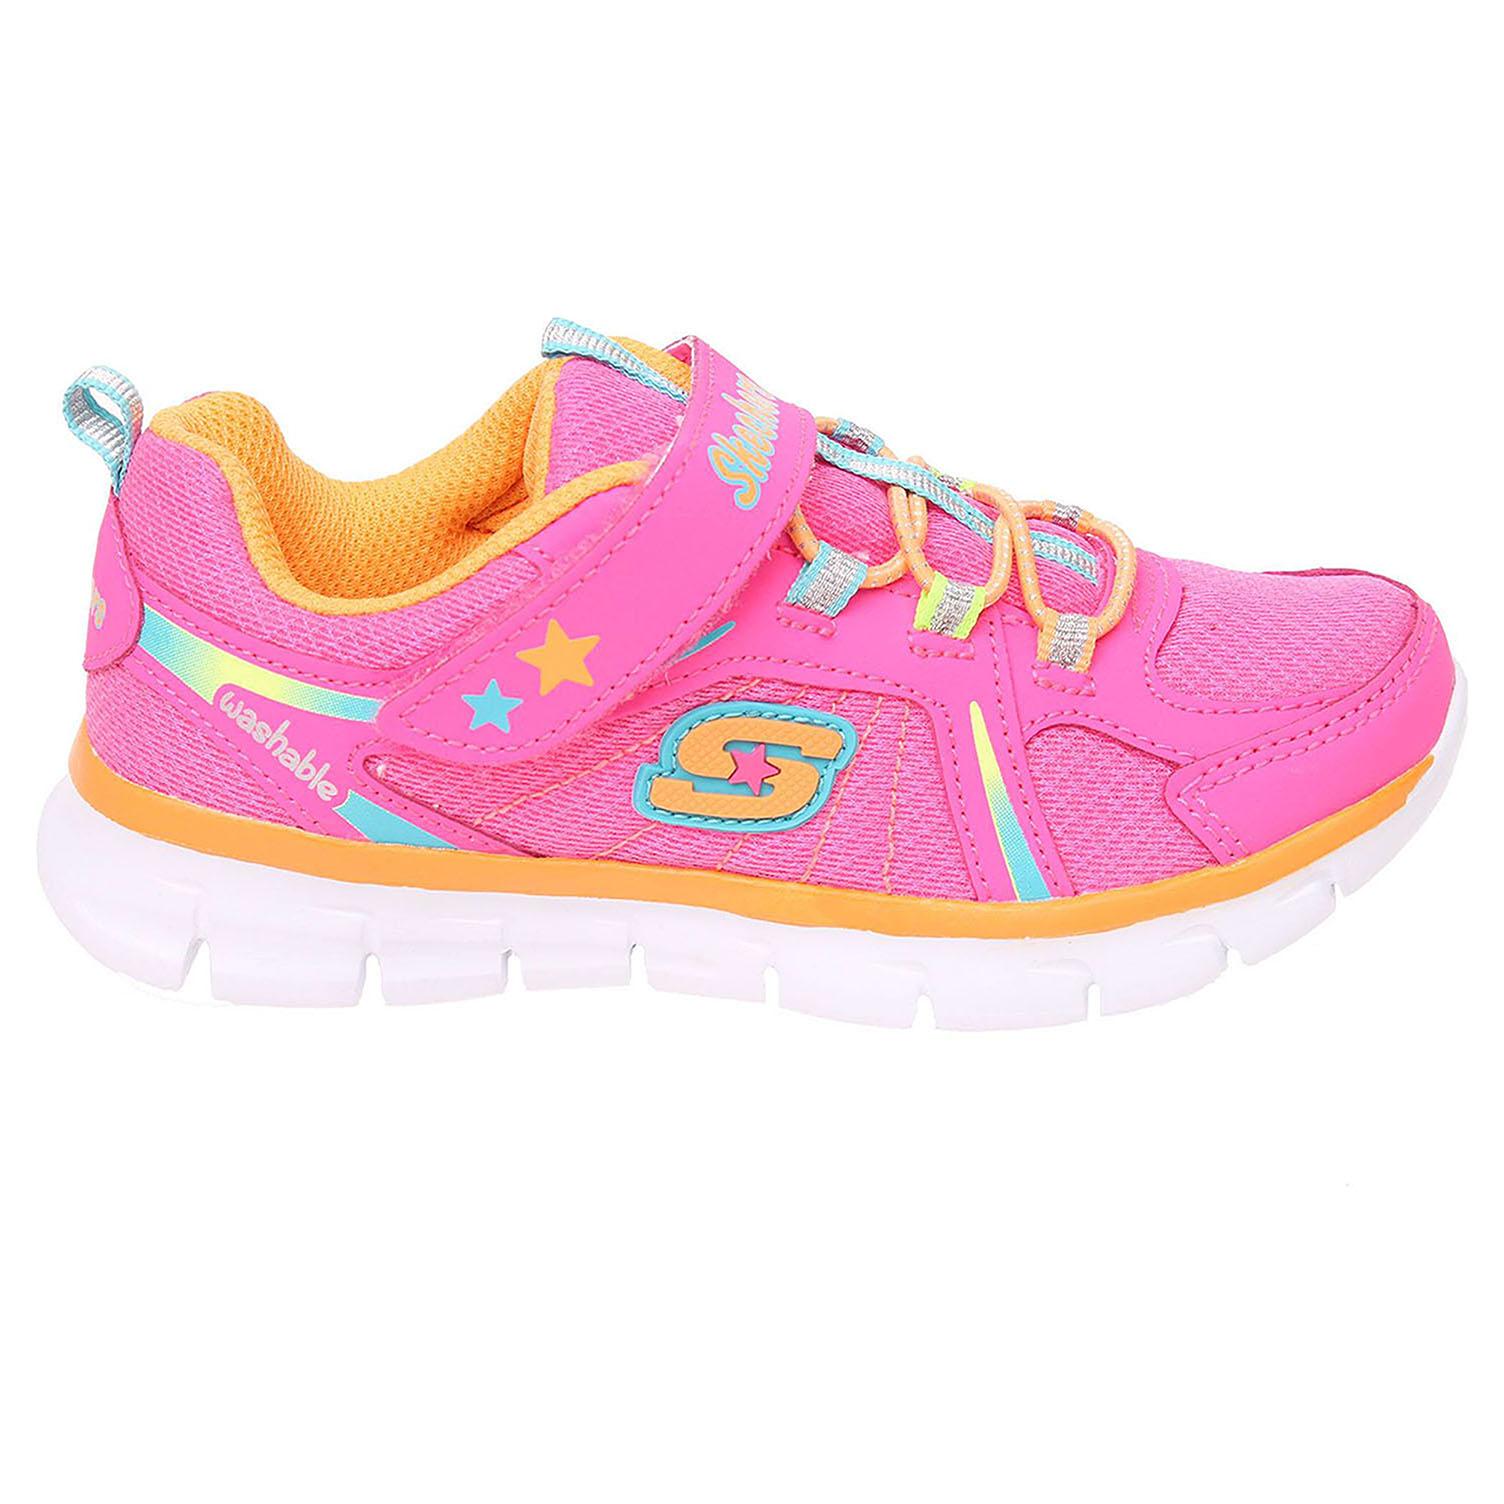 Skechers Lovespun neon-pink-multi 24